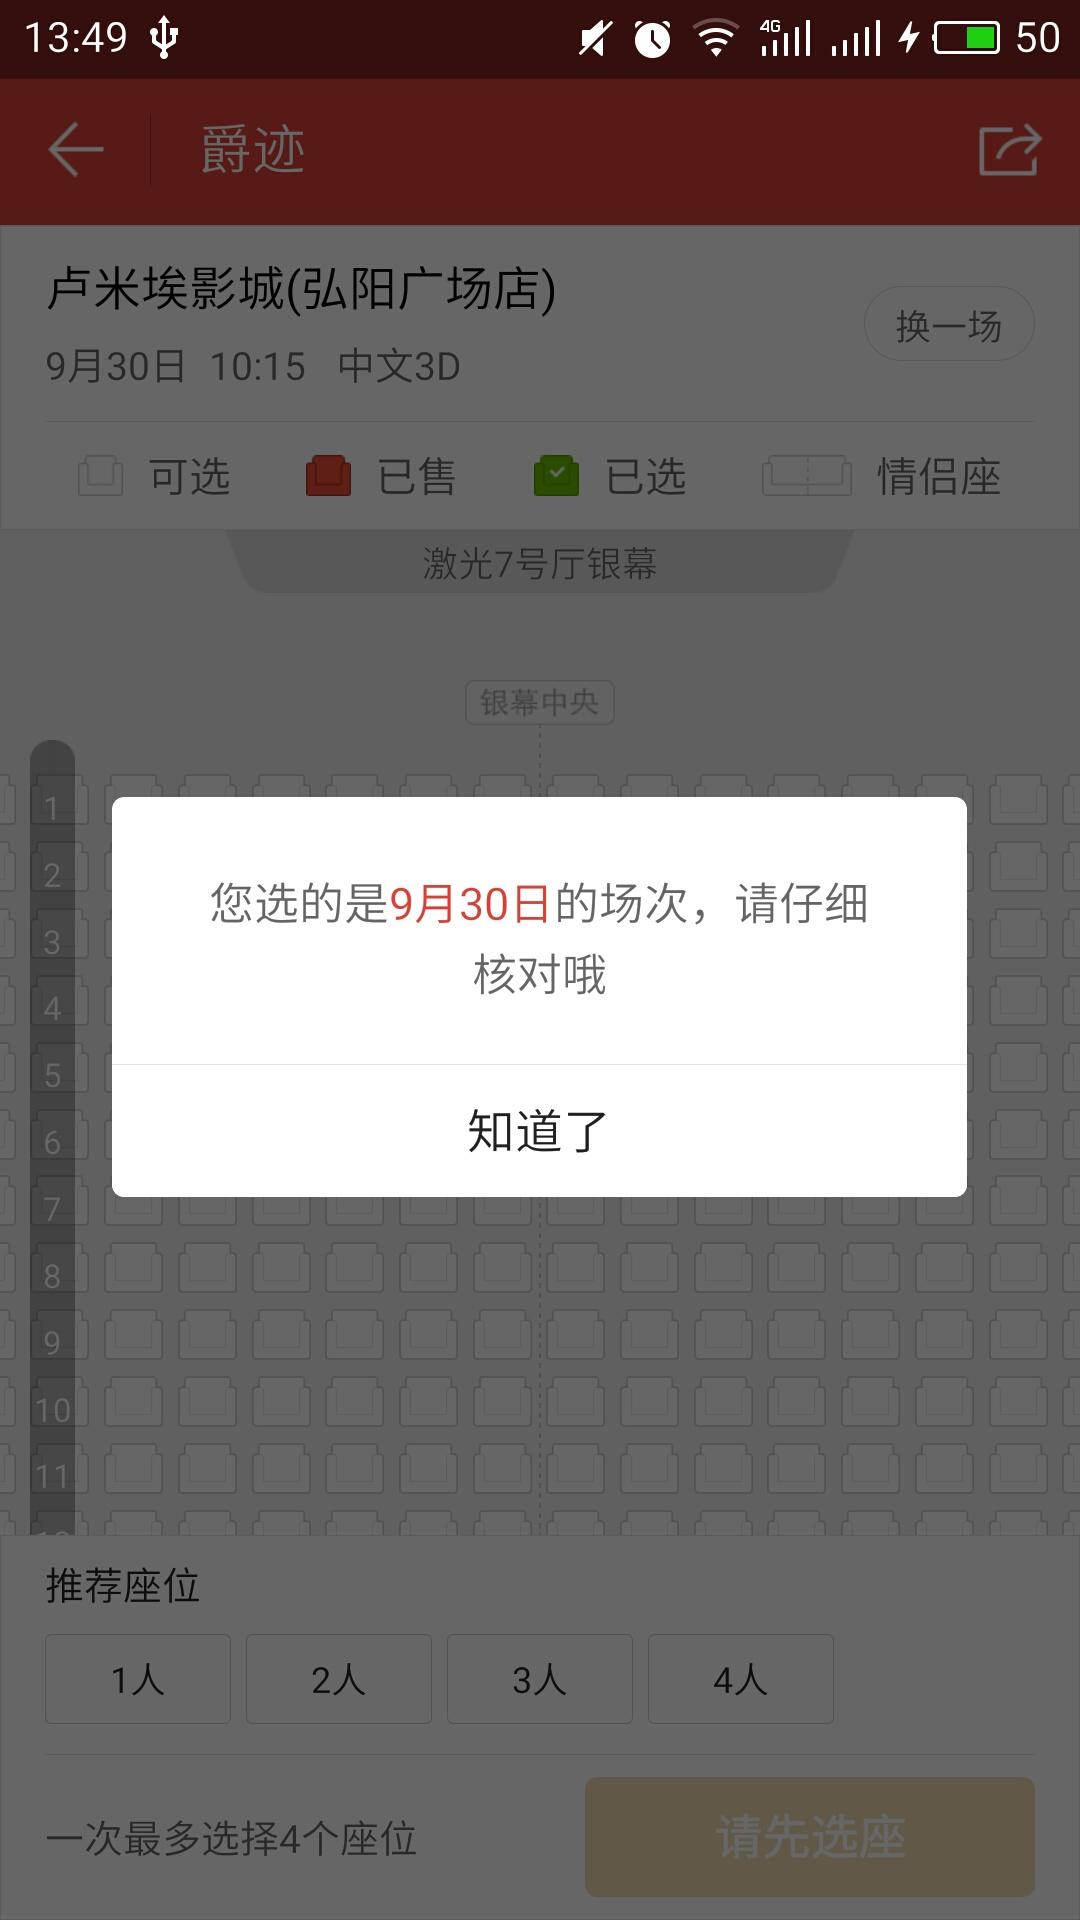 QQ图片20160922135125.jpg